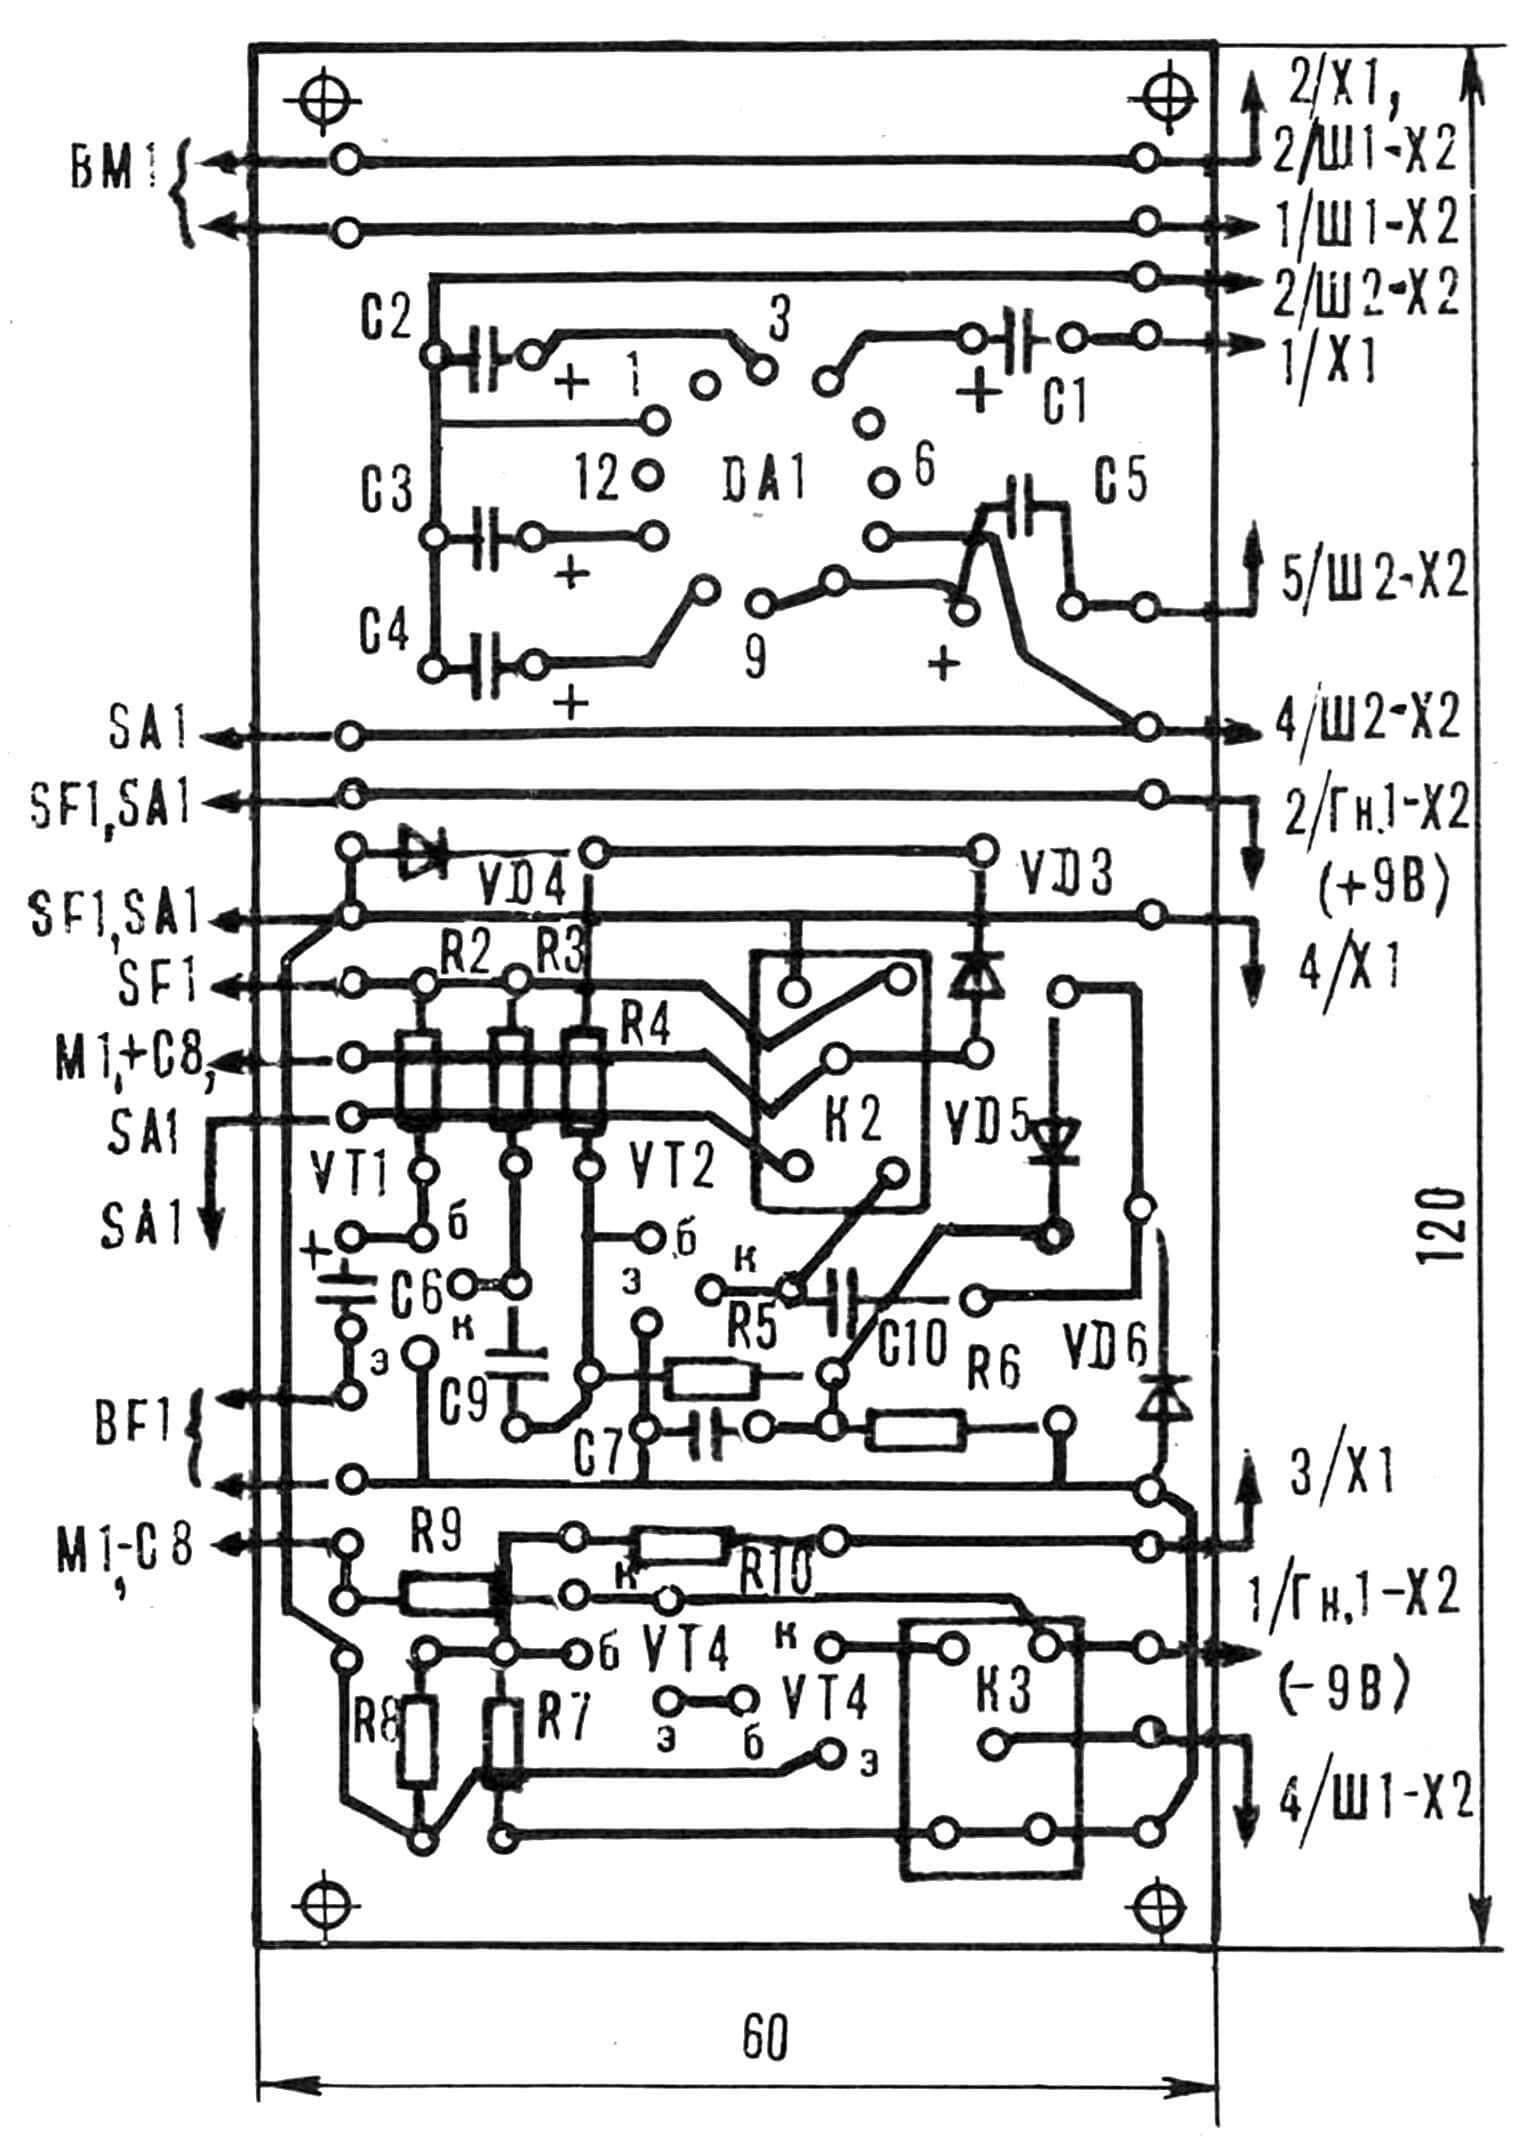 Печатная плата с указанием расположения на ней элементов схемы.